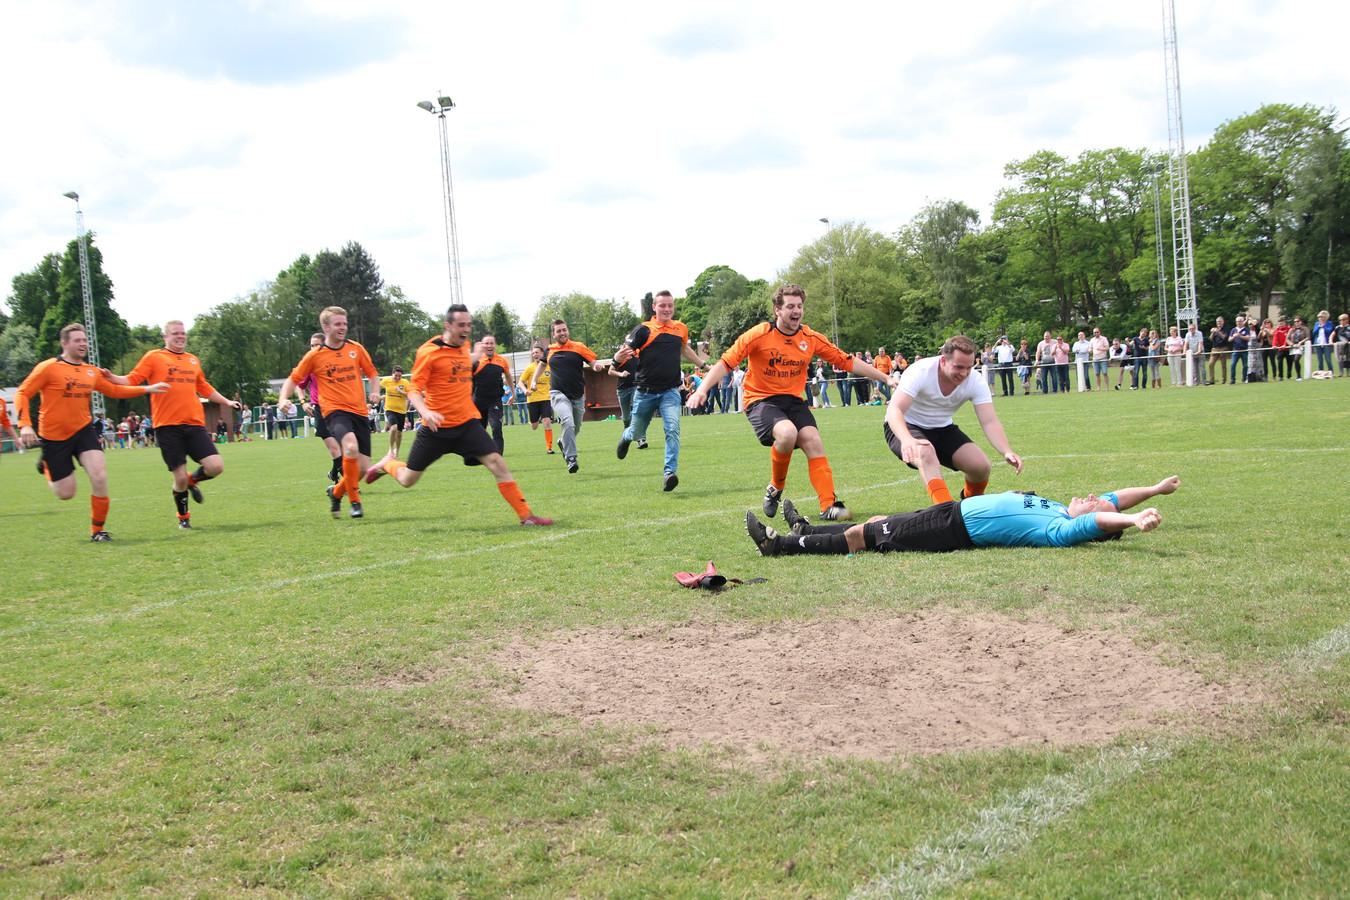 Debeij heeft net de beslissende penalty gestopt.